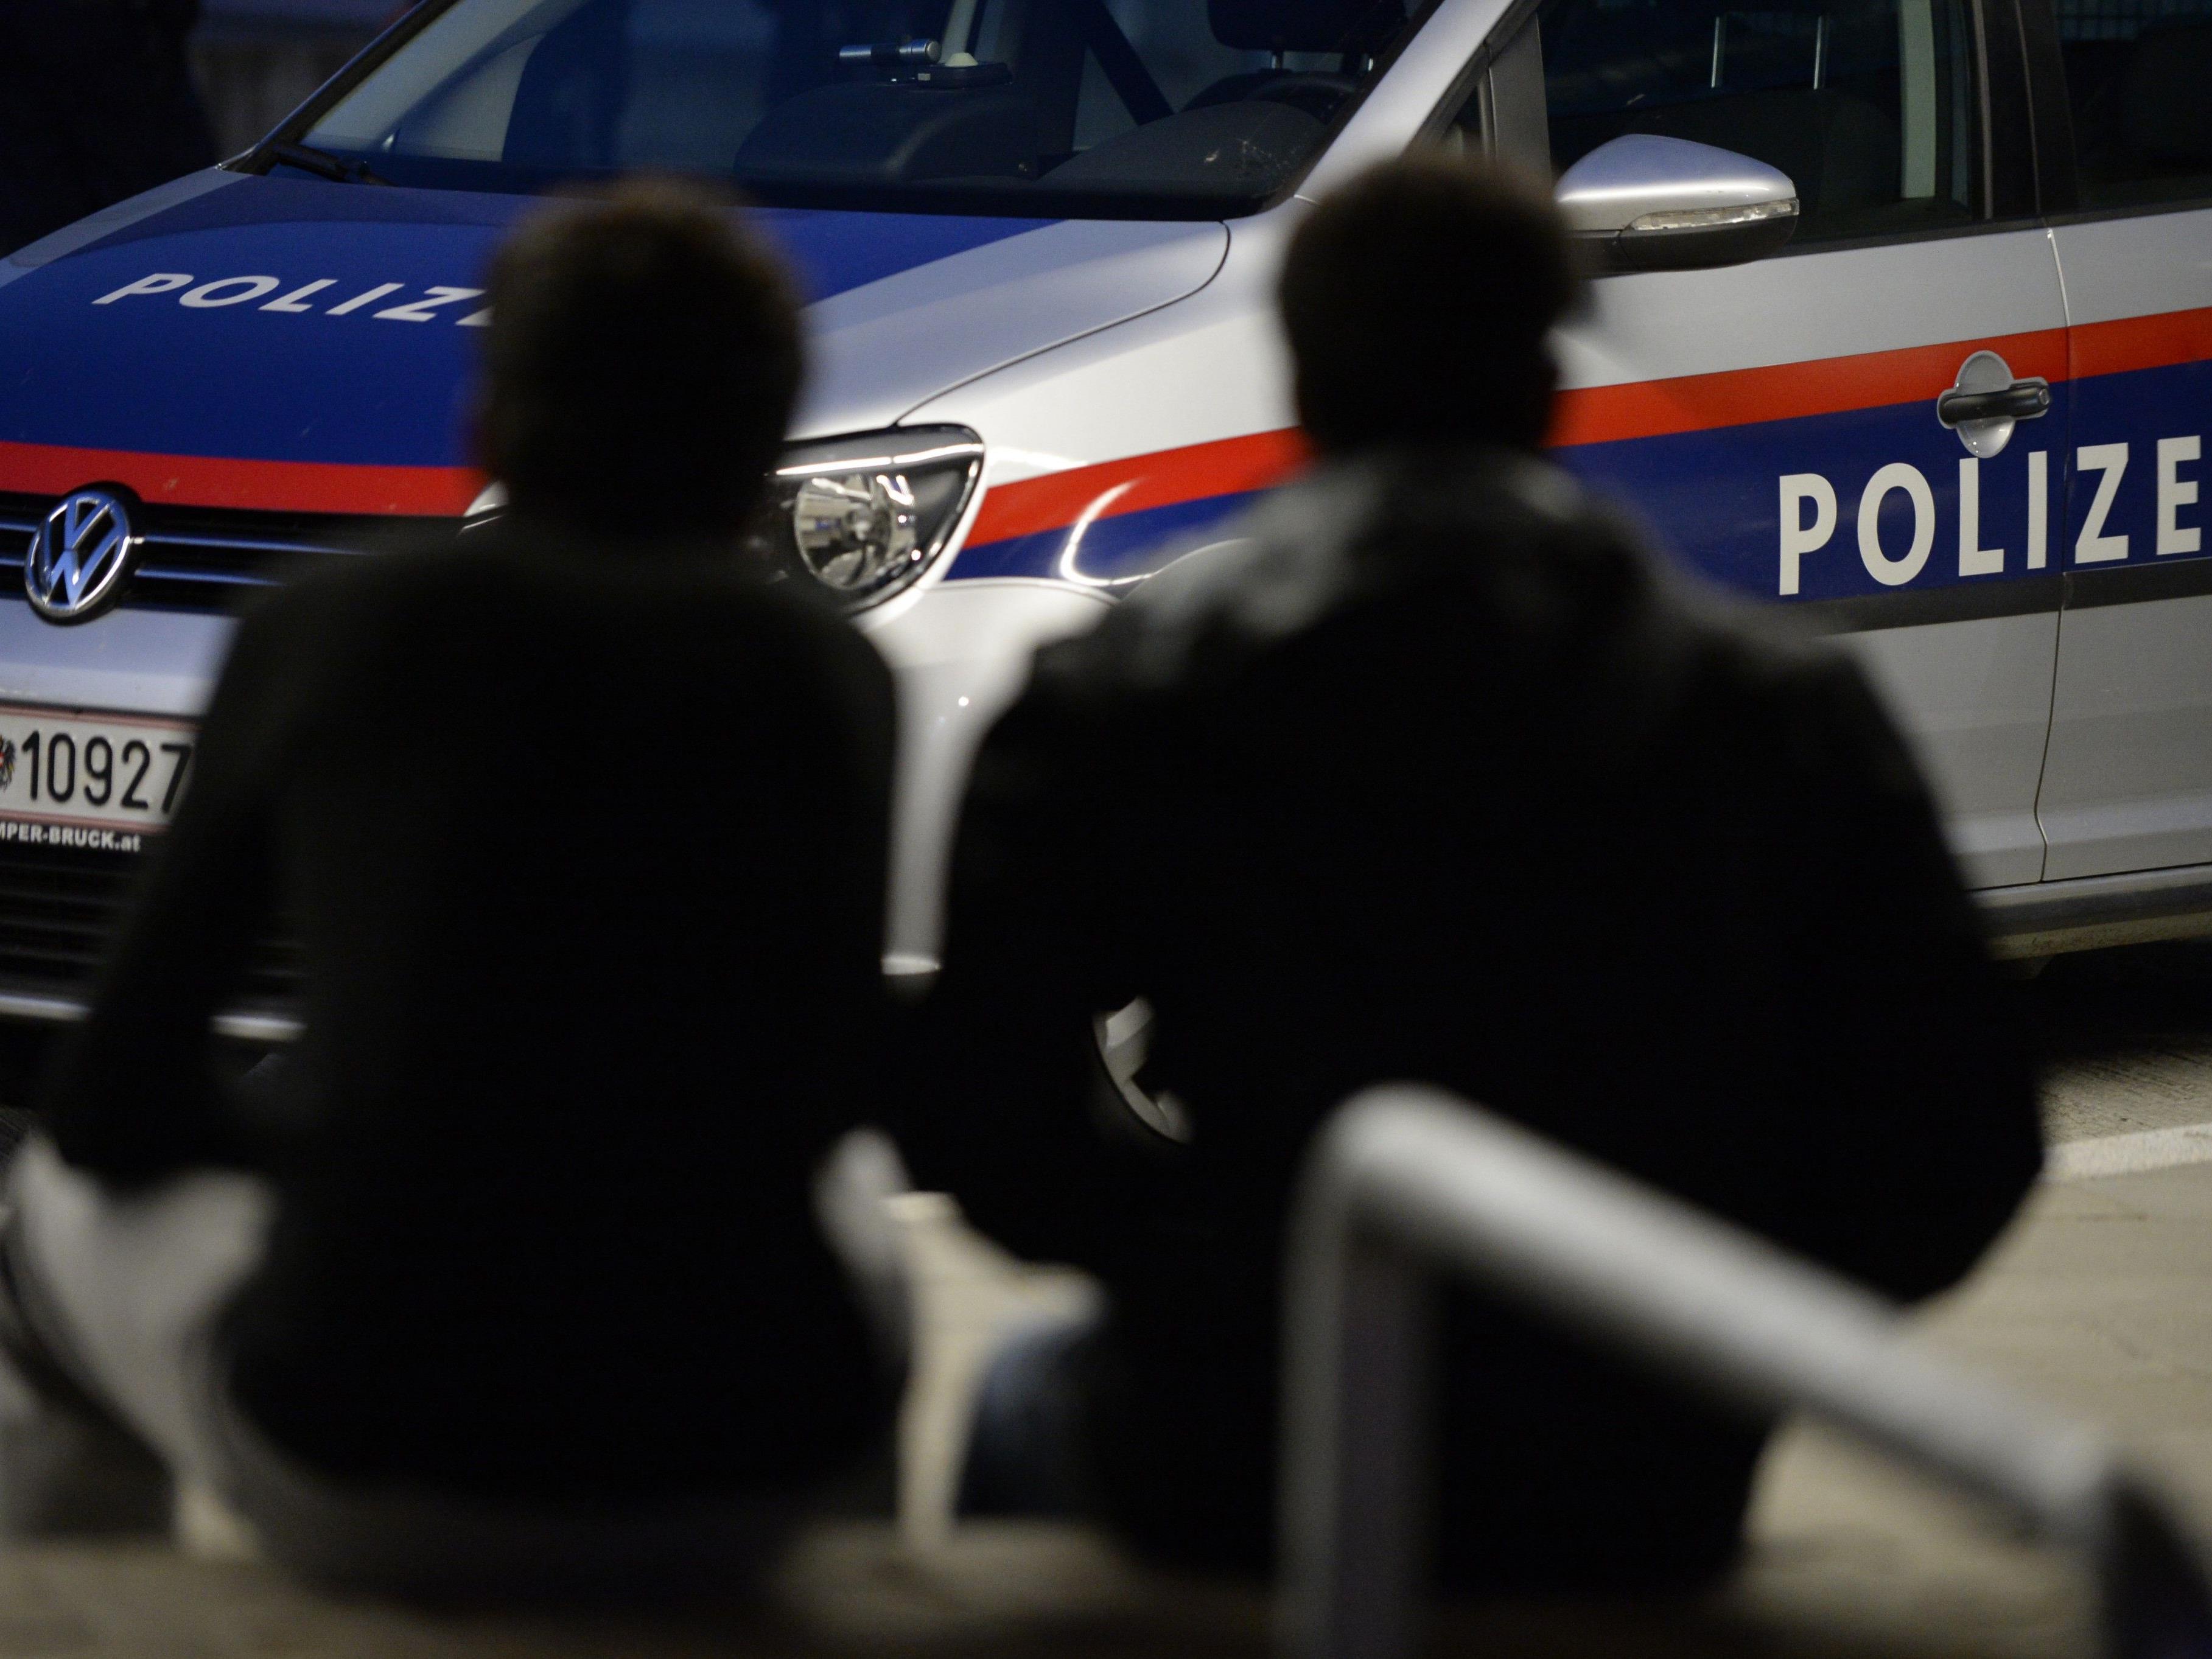 Die Polizei konnte in Favoriten auf einen Dealer und einen Suchtmittelabnehmer stoßen